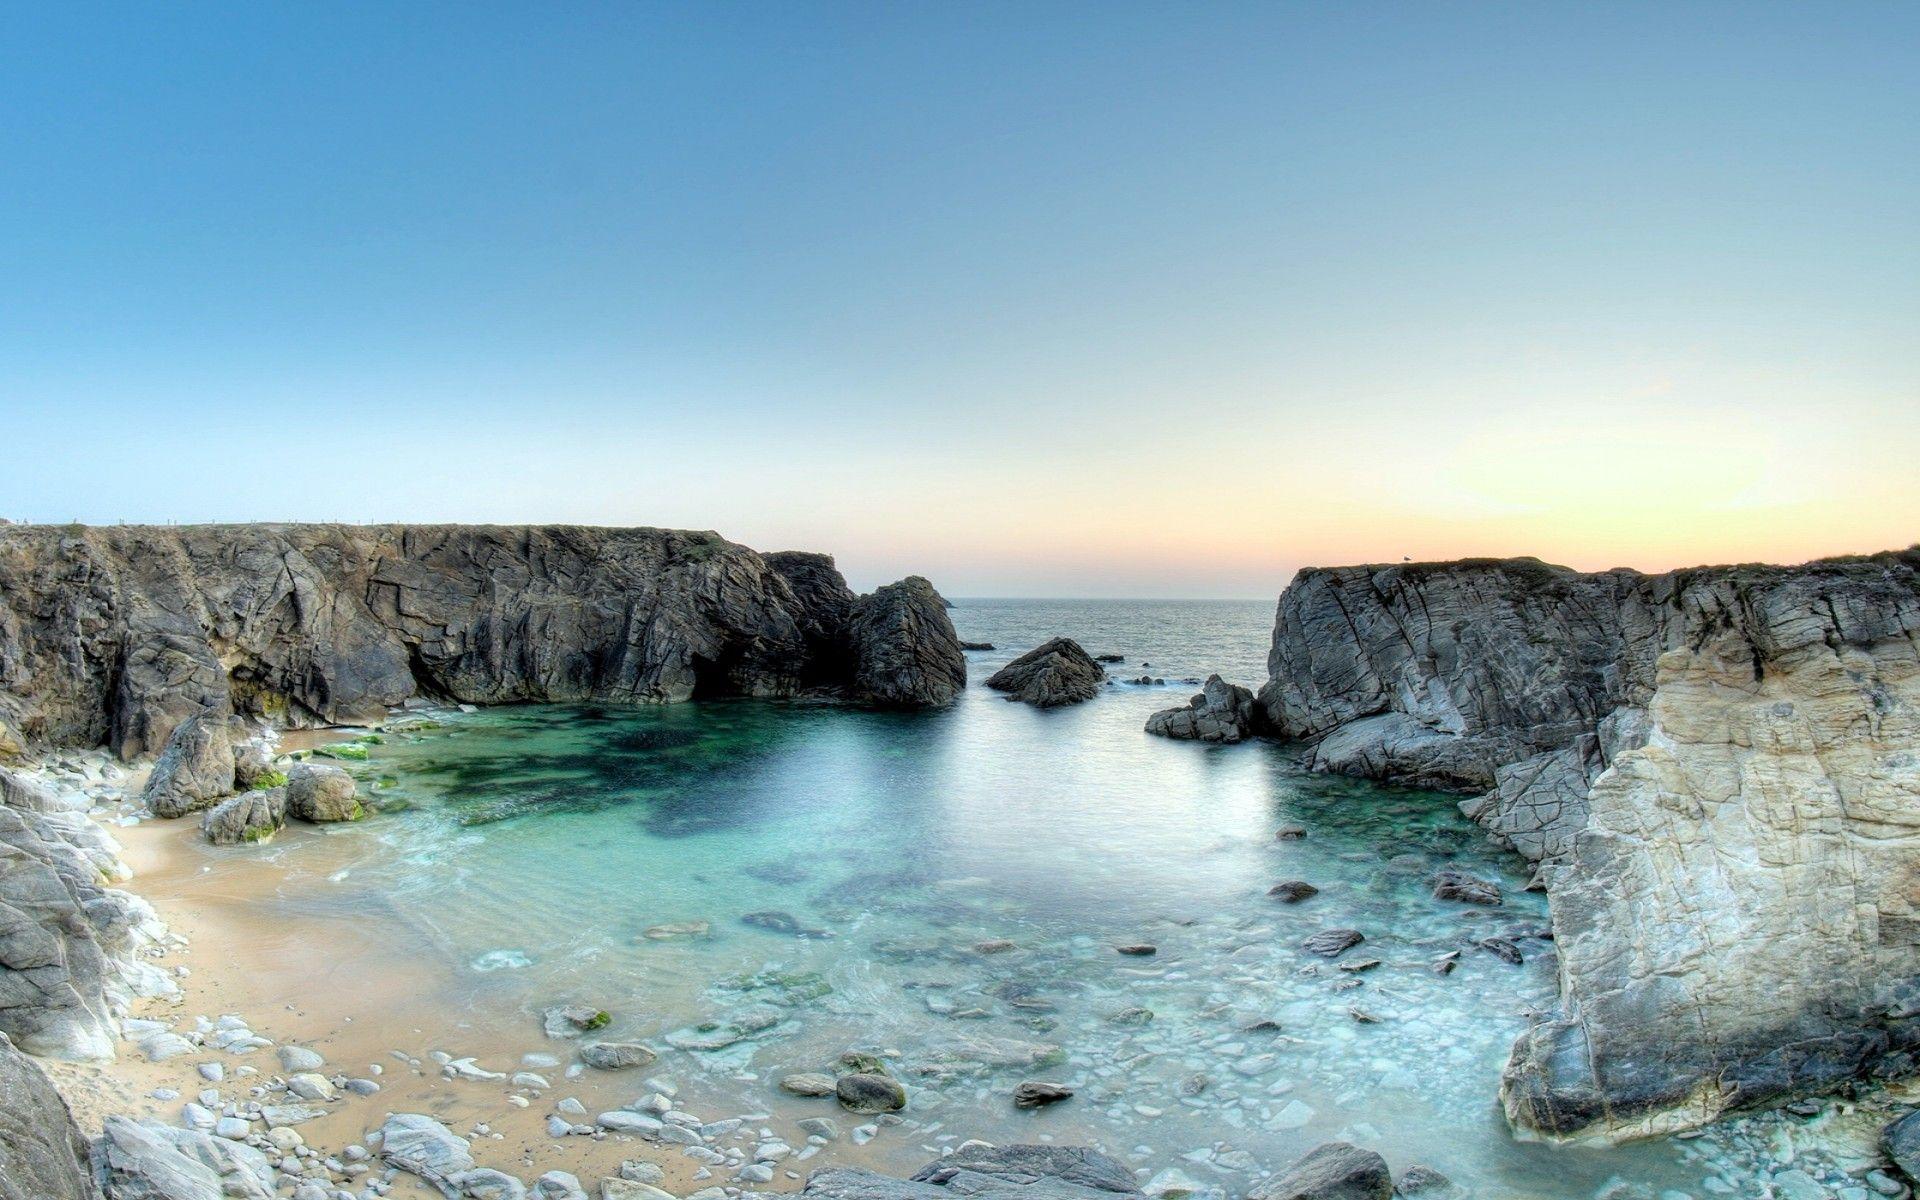 Imagenes paisajes verano recodo del mar